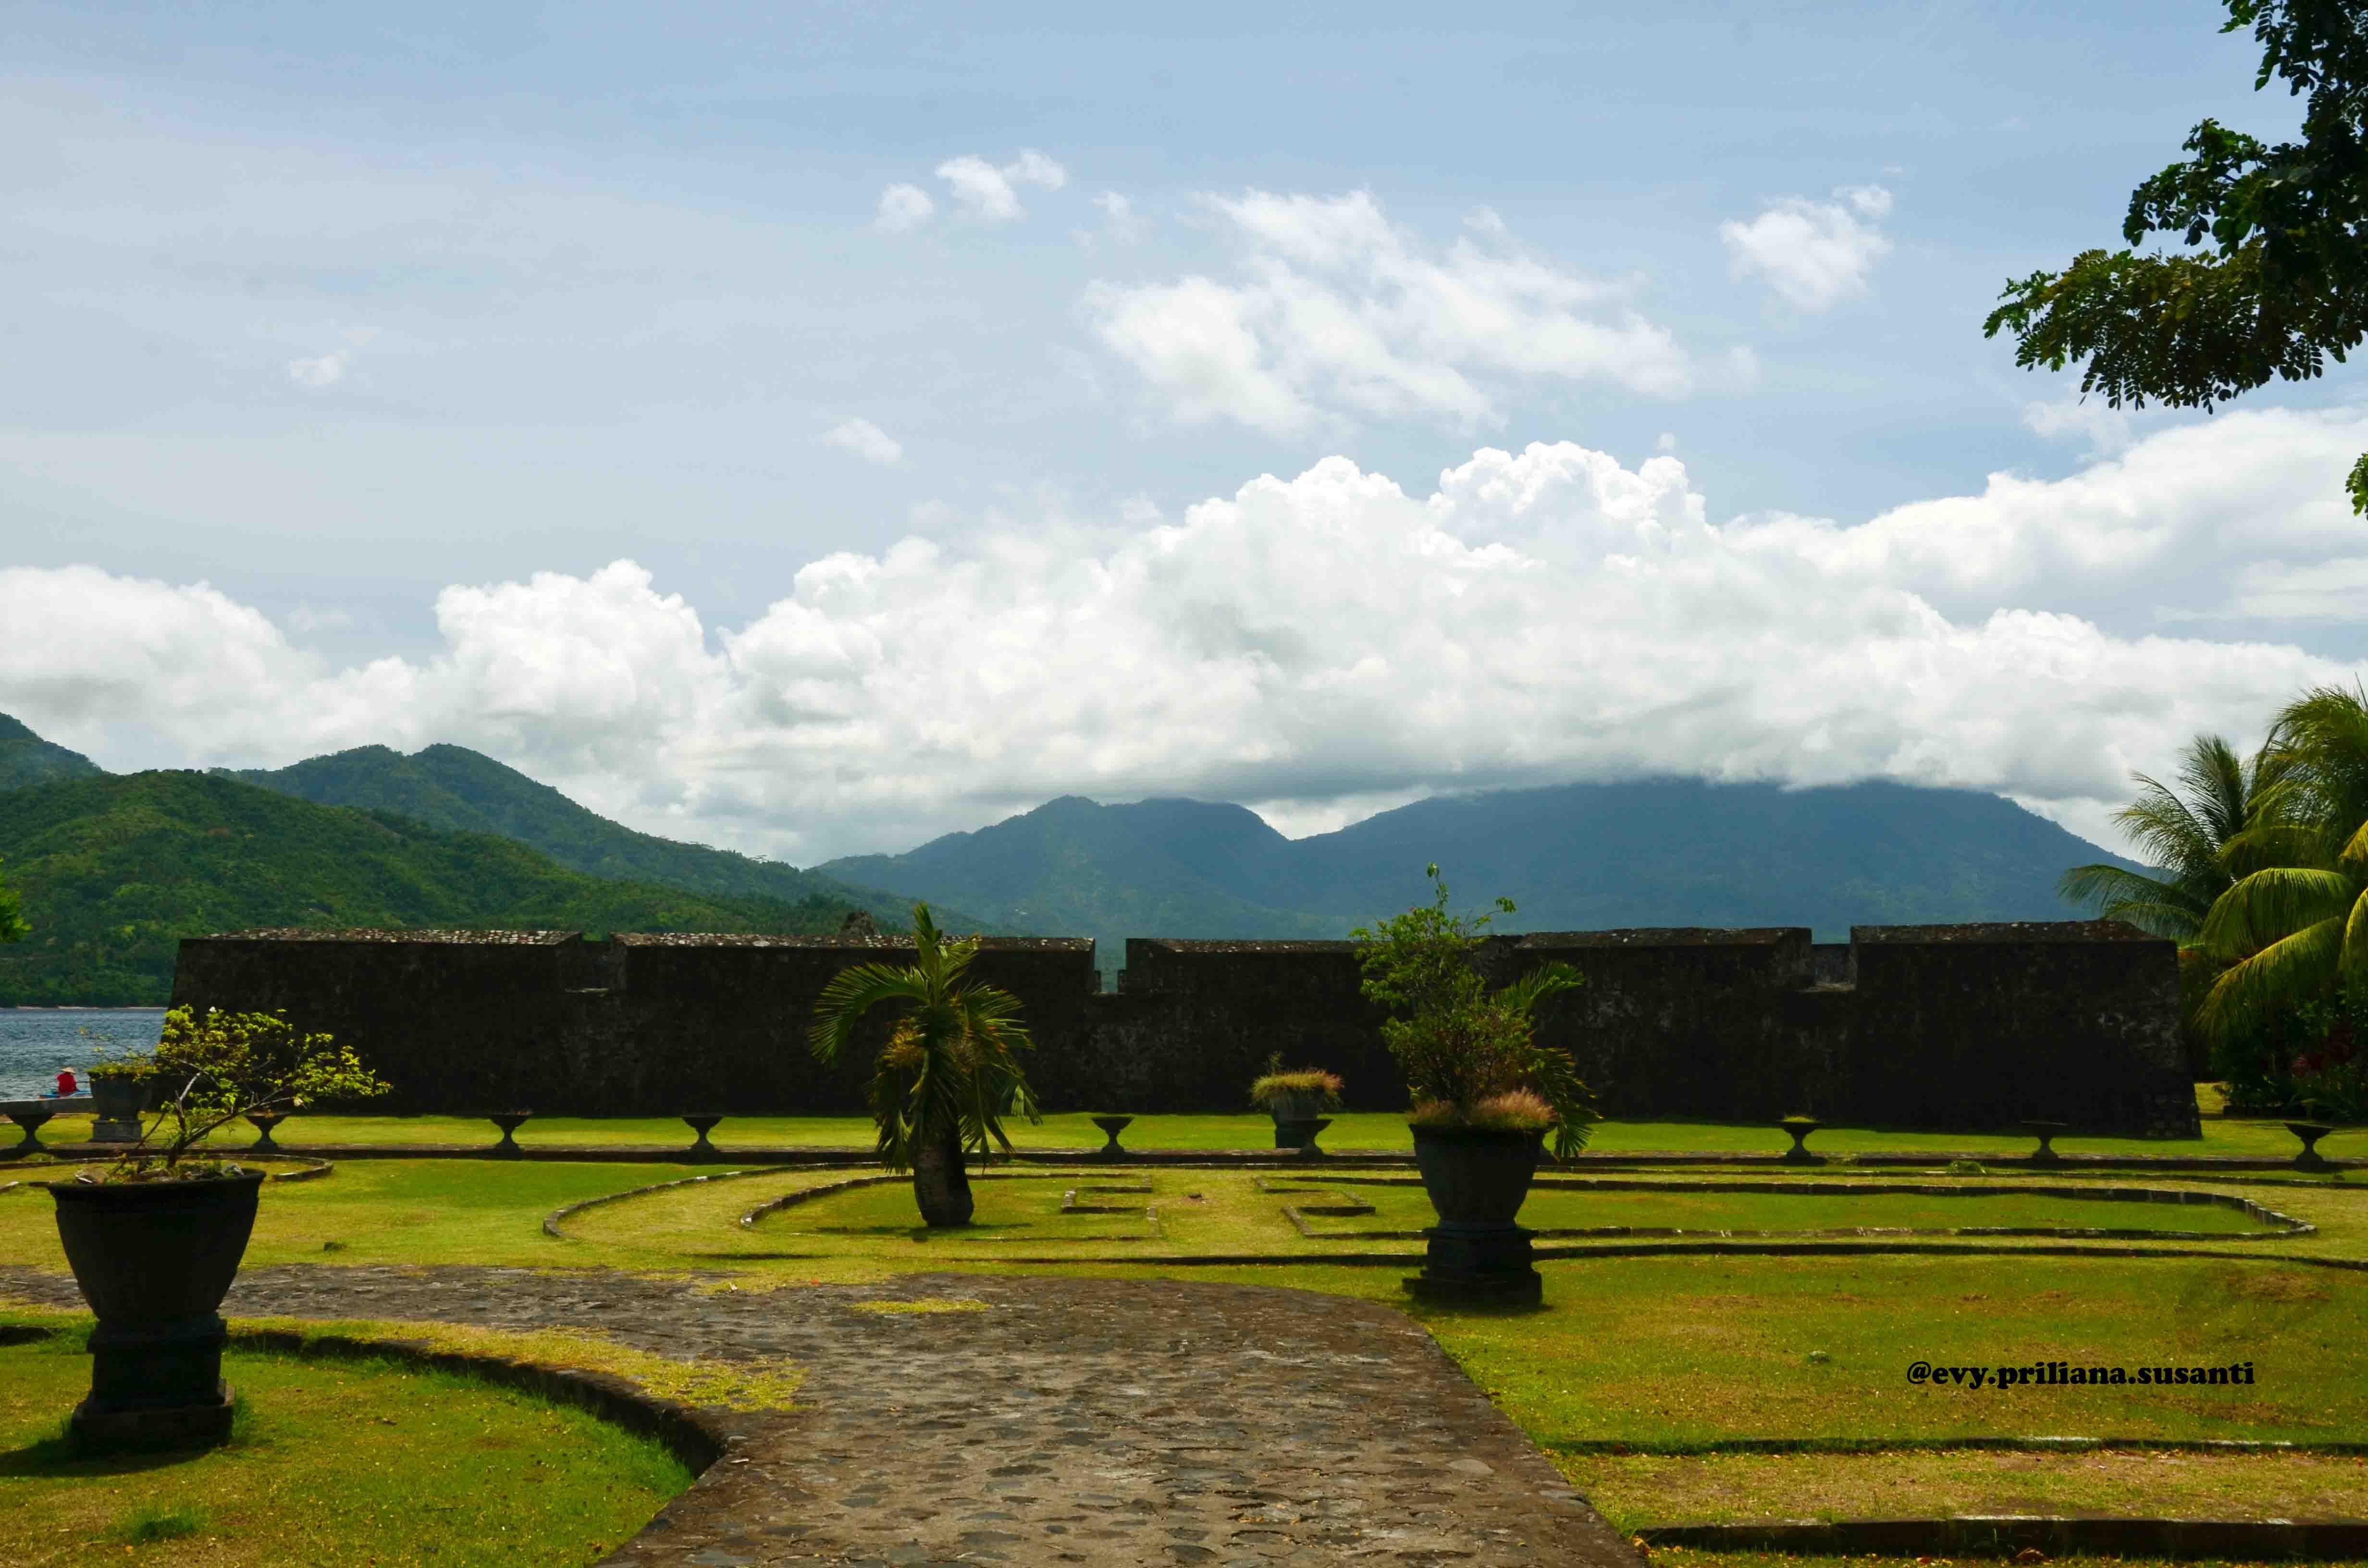 Benteng Santa Lucia Jendela Kecil Dunia Sejarah Ternate Penuh Perjuangan